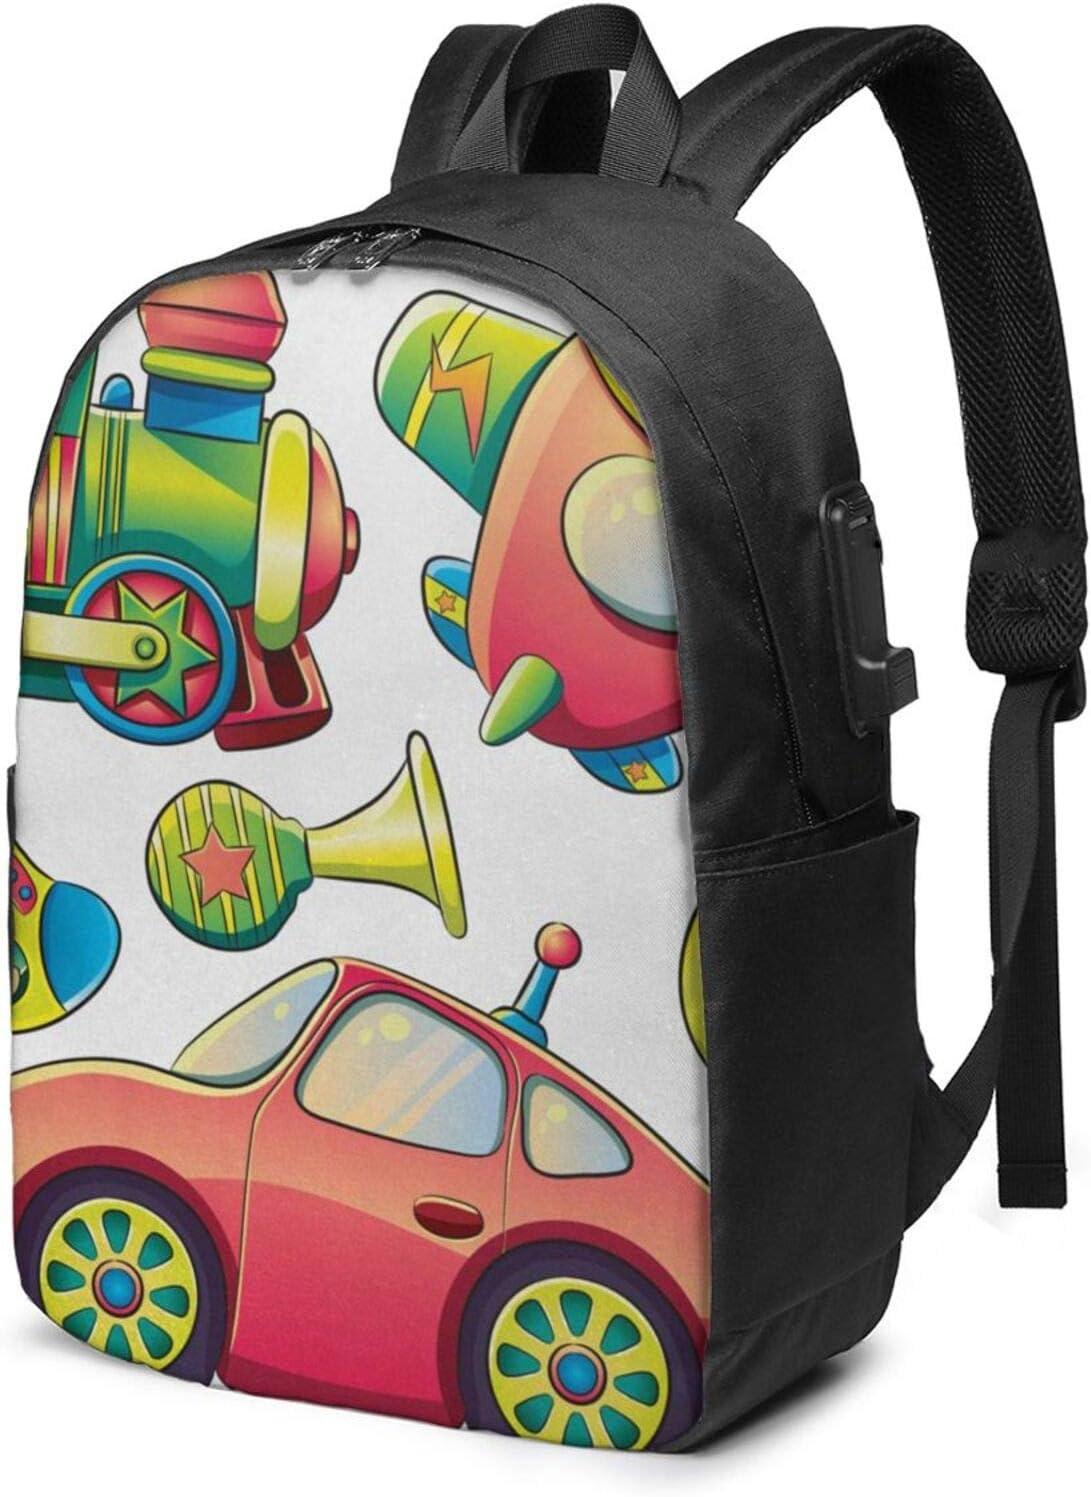 WEQDUJG Mochila Portatil 17 Pulgadas Mochila Hombre Mujer con Puerto USB, Desierto de Bolas Mochila para El Laptop para Ordenador del Trabajo Viaje